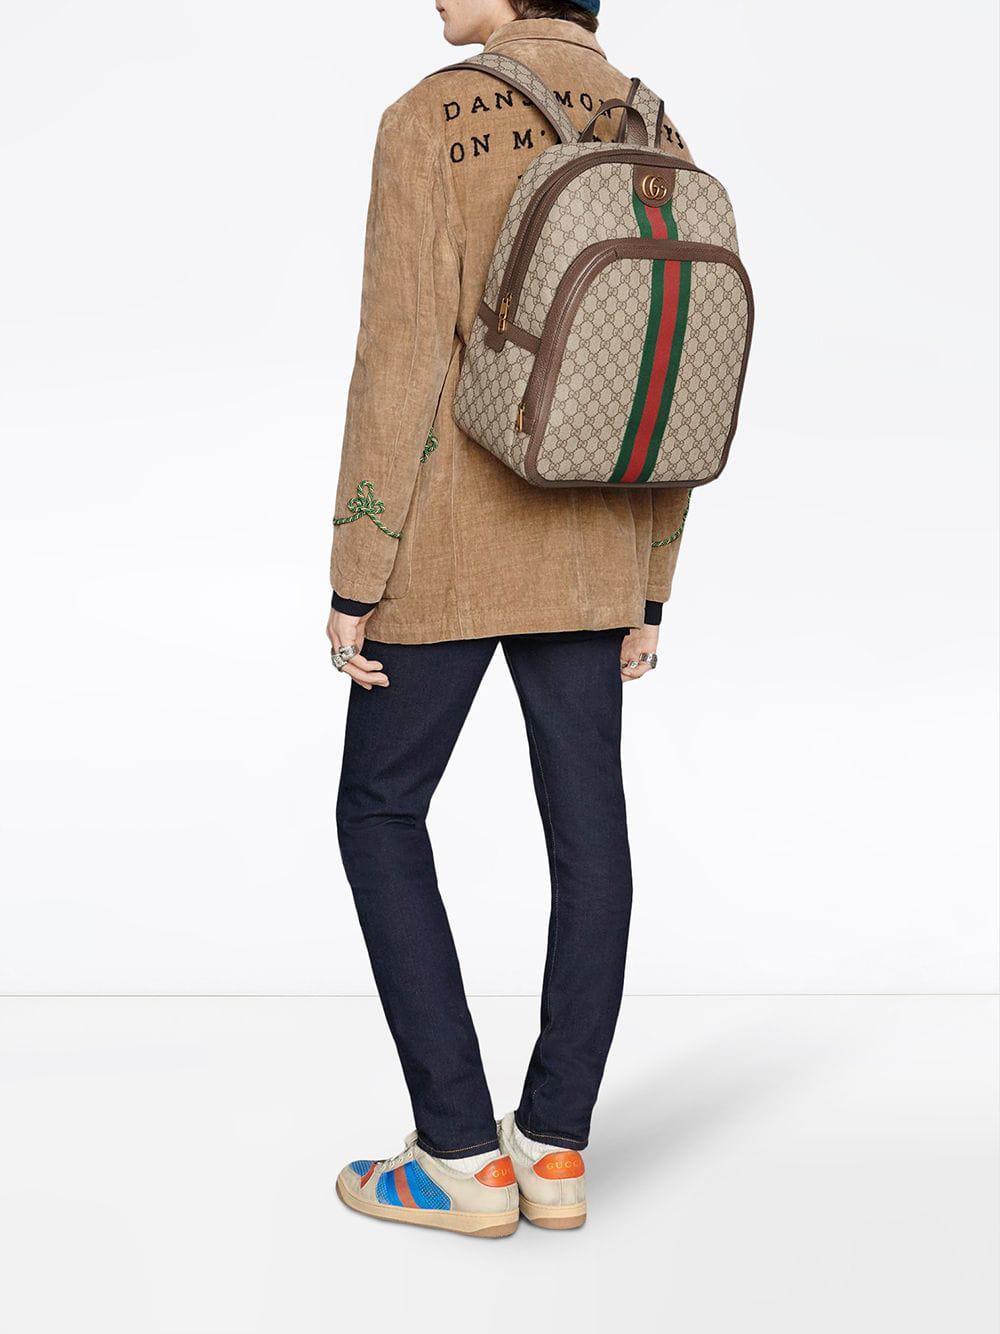 Lyst - Sac à dos Ophidia GG medium Gucci pour homme en coloris Marron 133640b690c